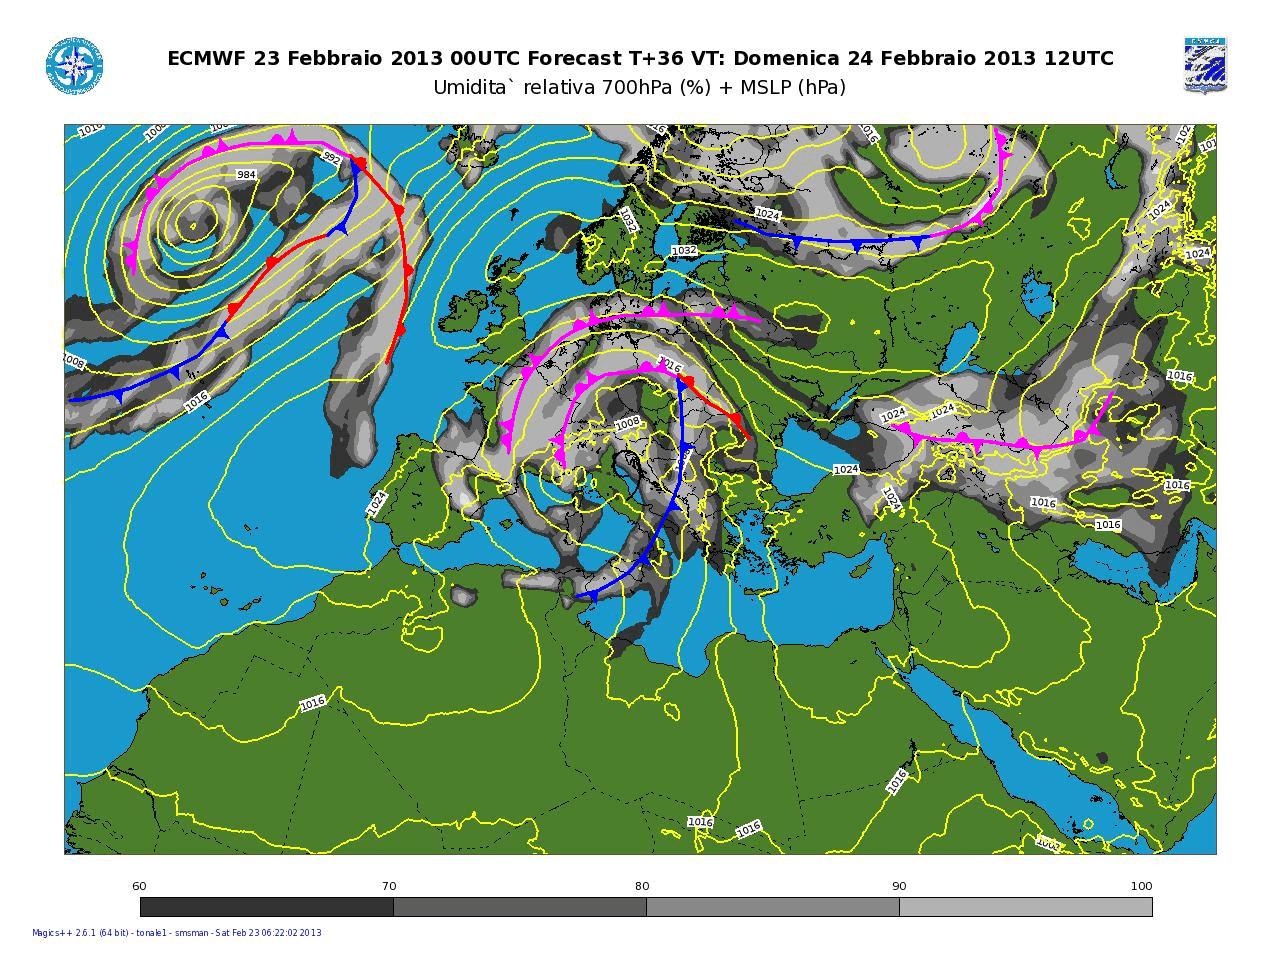 Previsioni Meteo Aeronautica Militare Domenica 24 Febbraio 2013: maltempo invernale specie lungo il Tirreno.